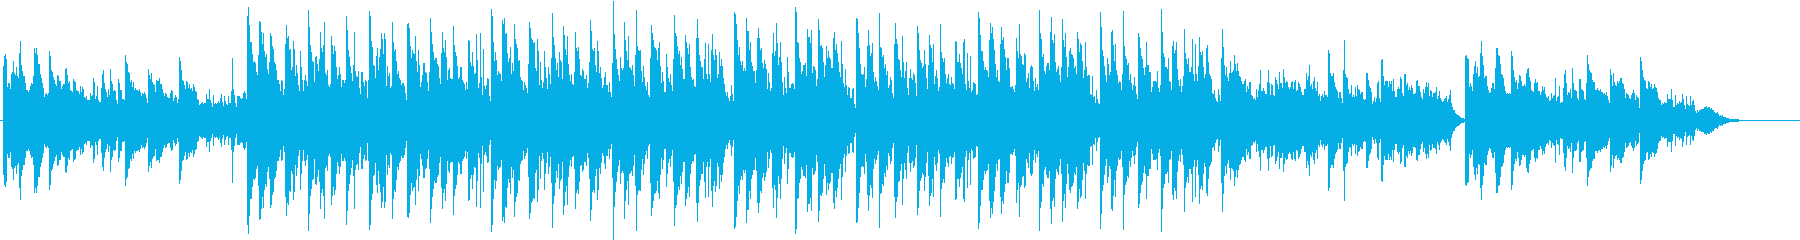 民族楽器によるエスニック&インド音楽の再生済みの波形